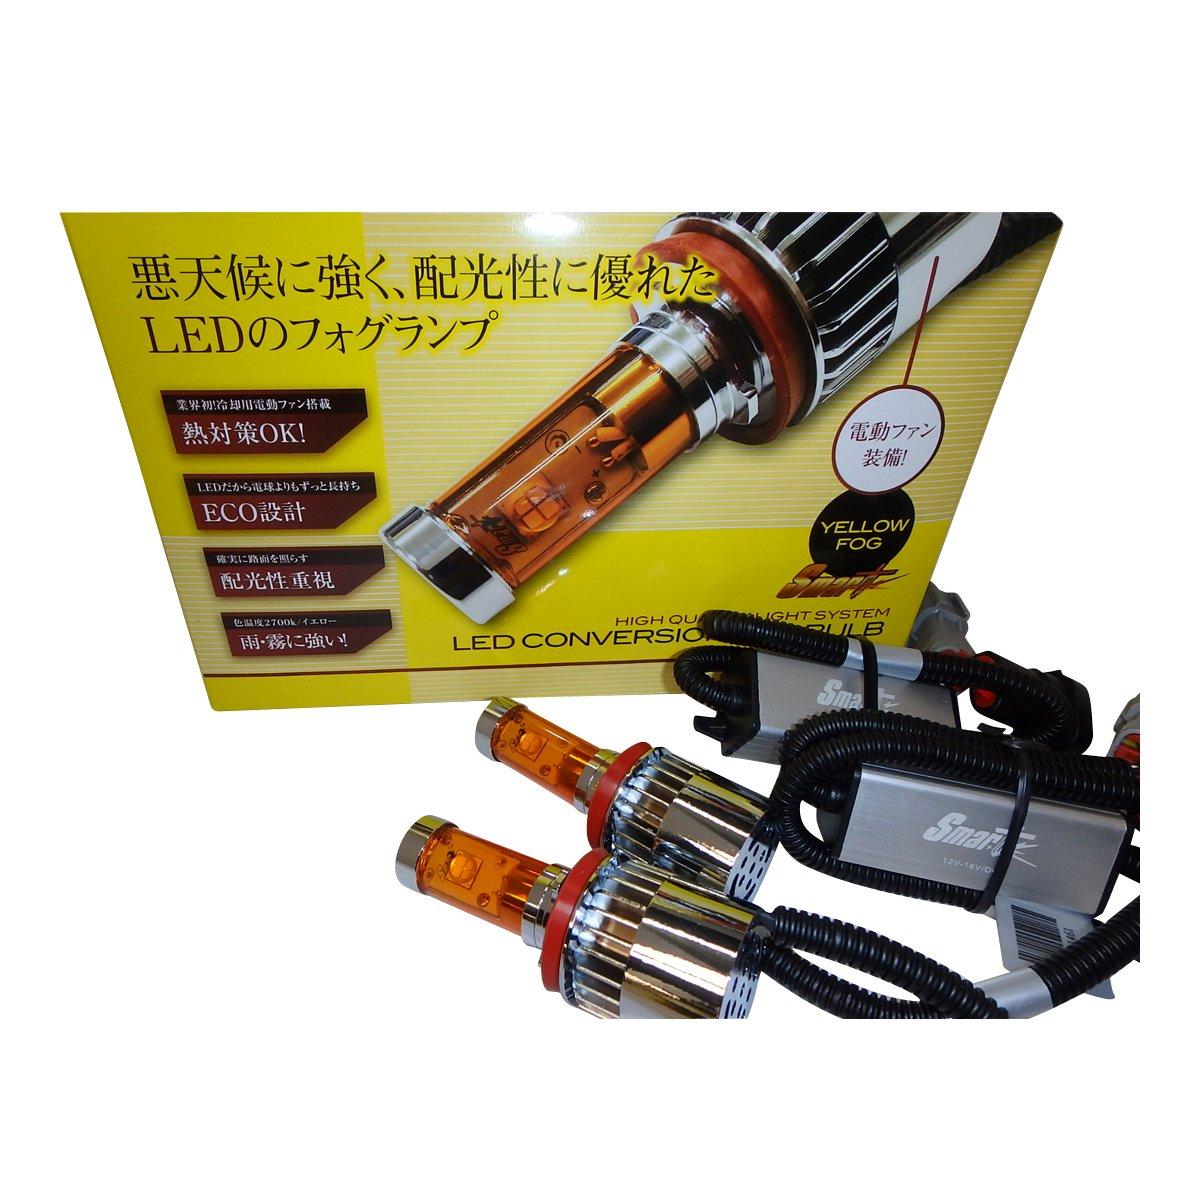 SMART(スマート) LEDフォグライト LED CONVERSION FOG BULB H8/11/16 2700k イエロー LEDCB05 B00IZR19TQ